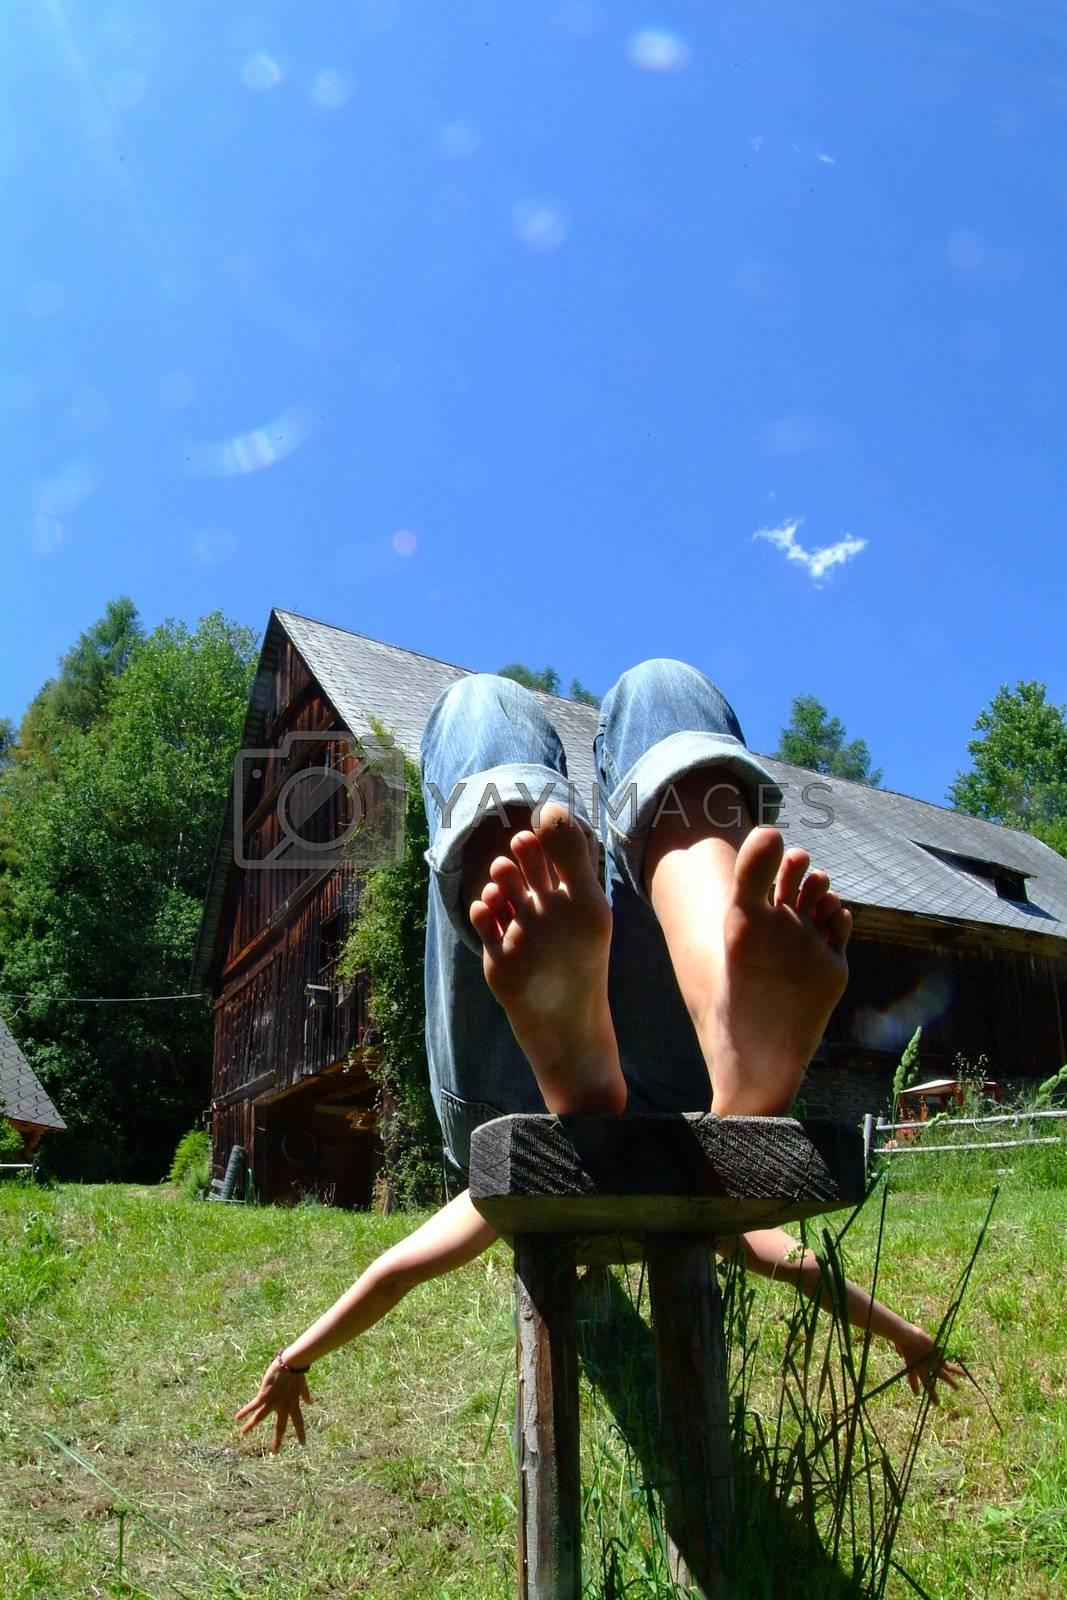 Erholung auf der Alm | resting at the alp by fotofritz